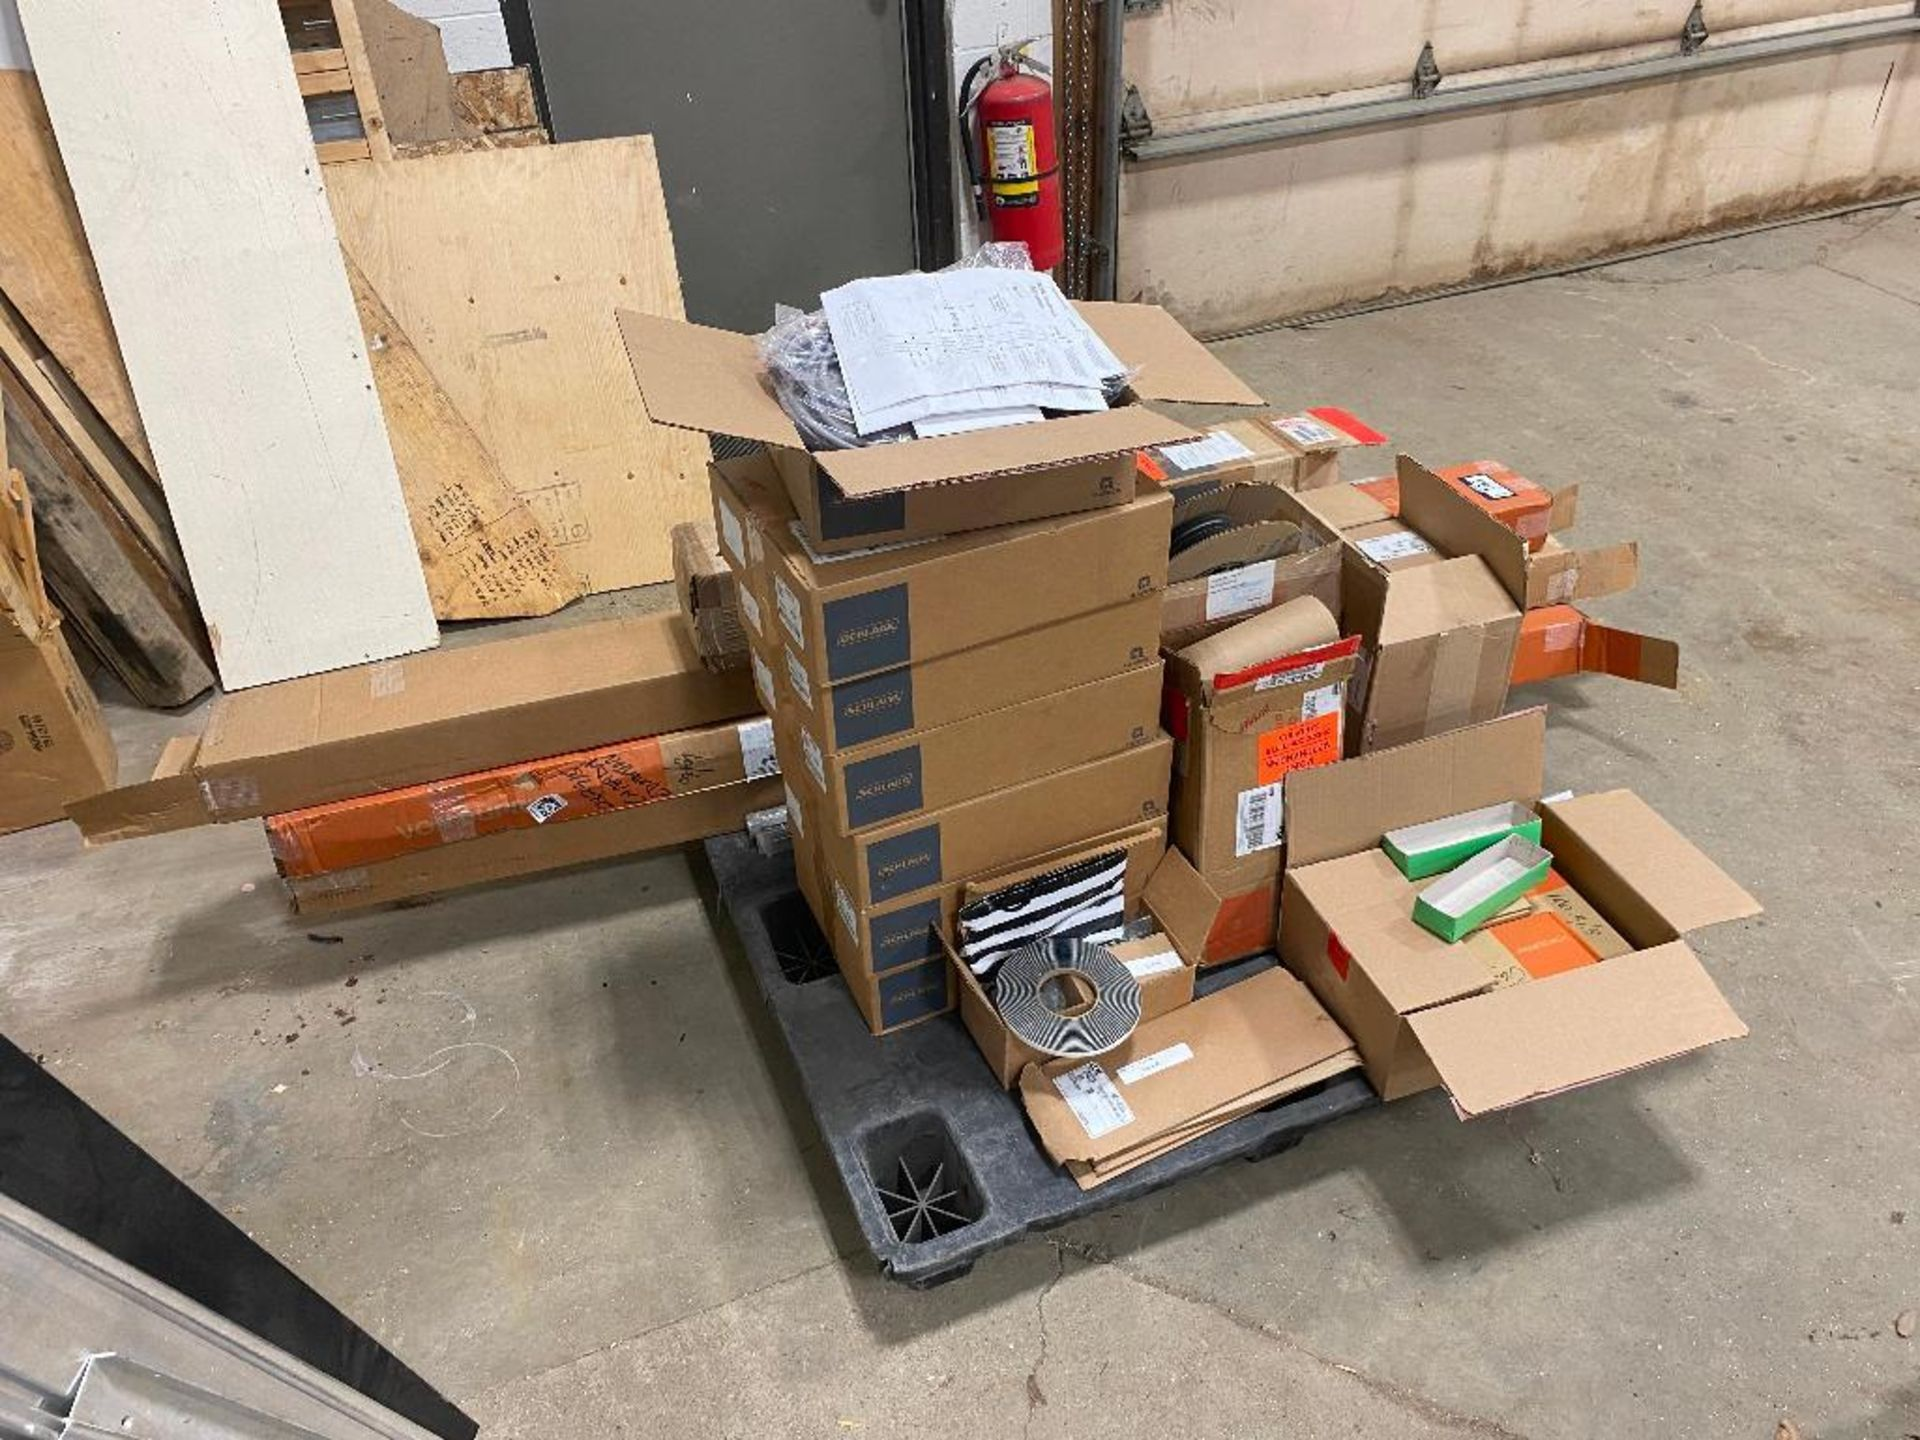 Pallet of Asst. Von Duprin Door Hardware, Thresholds, Schlage Power Supplys, etc. - Image 3 of 3